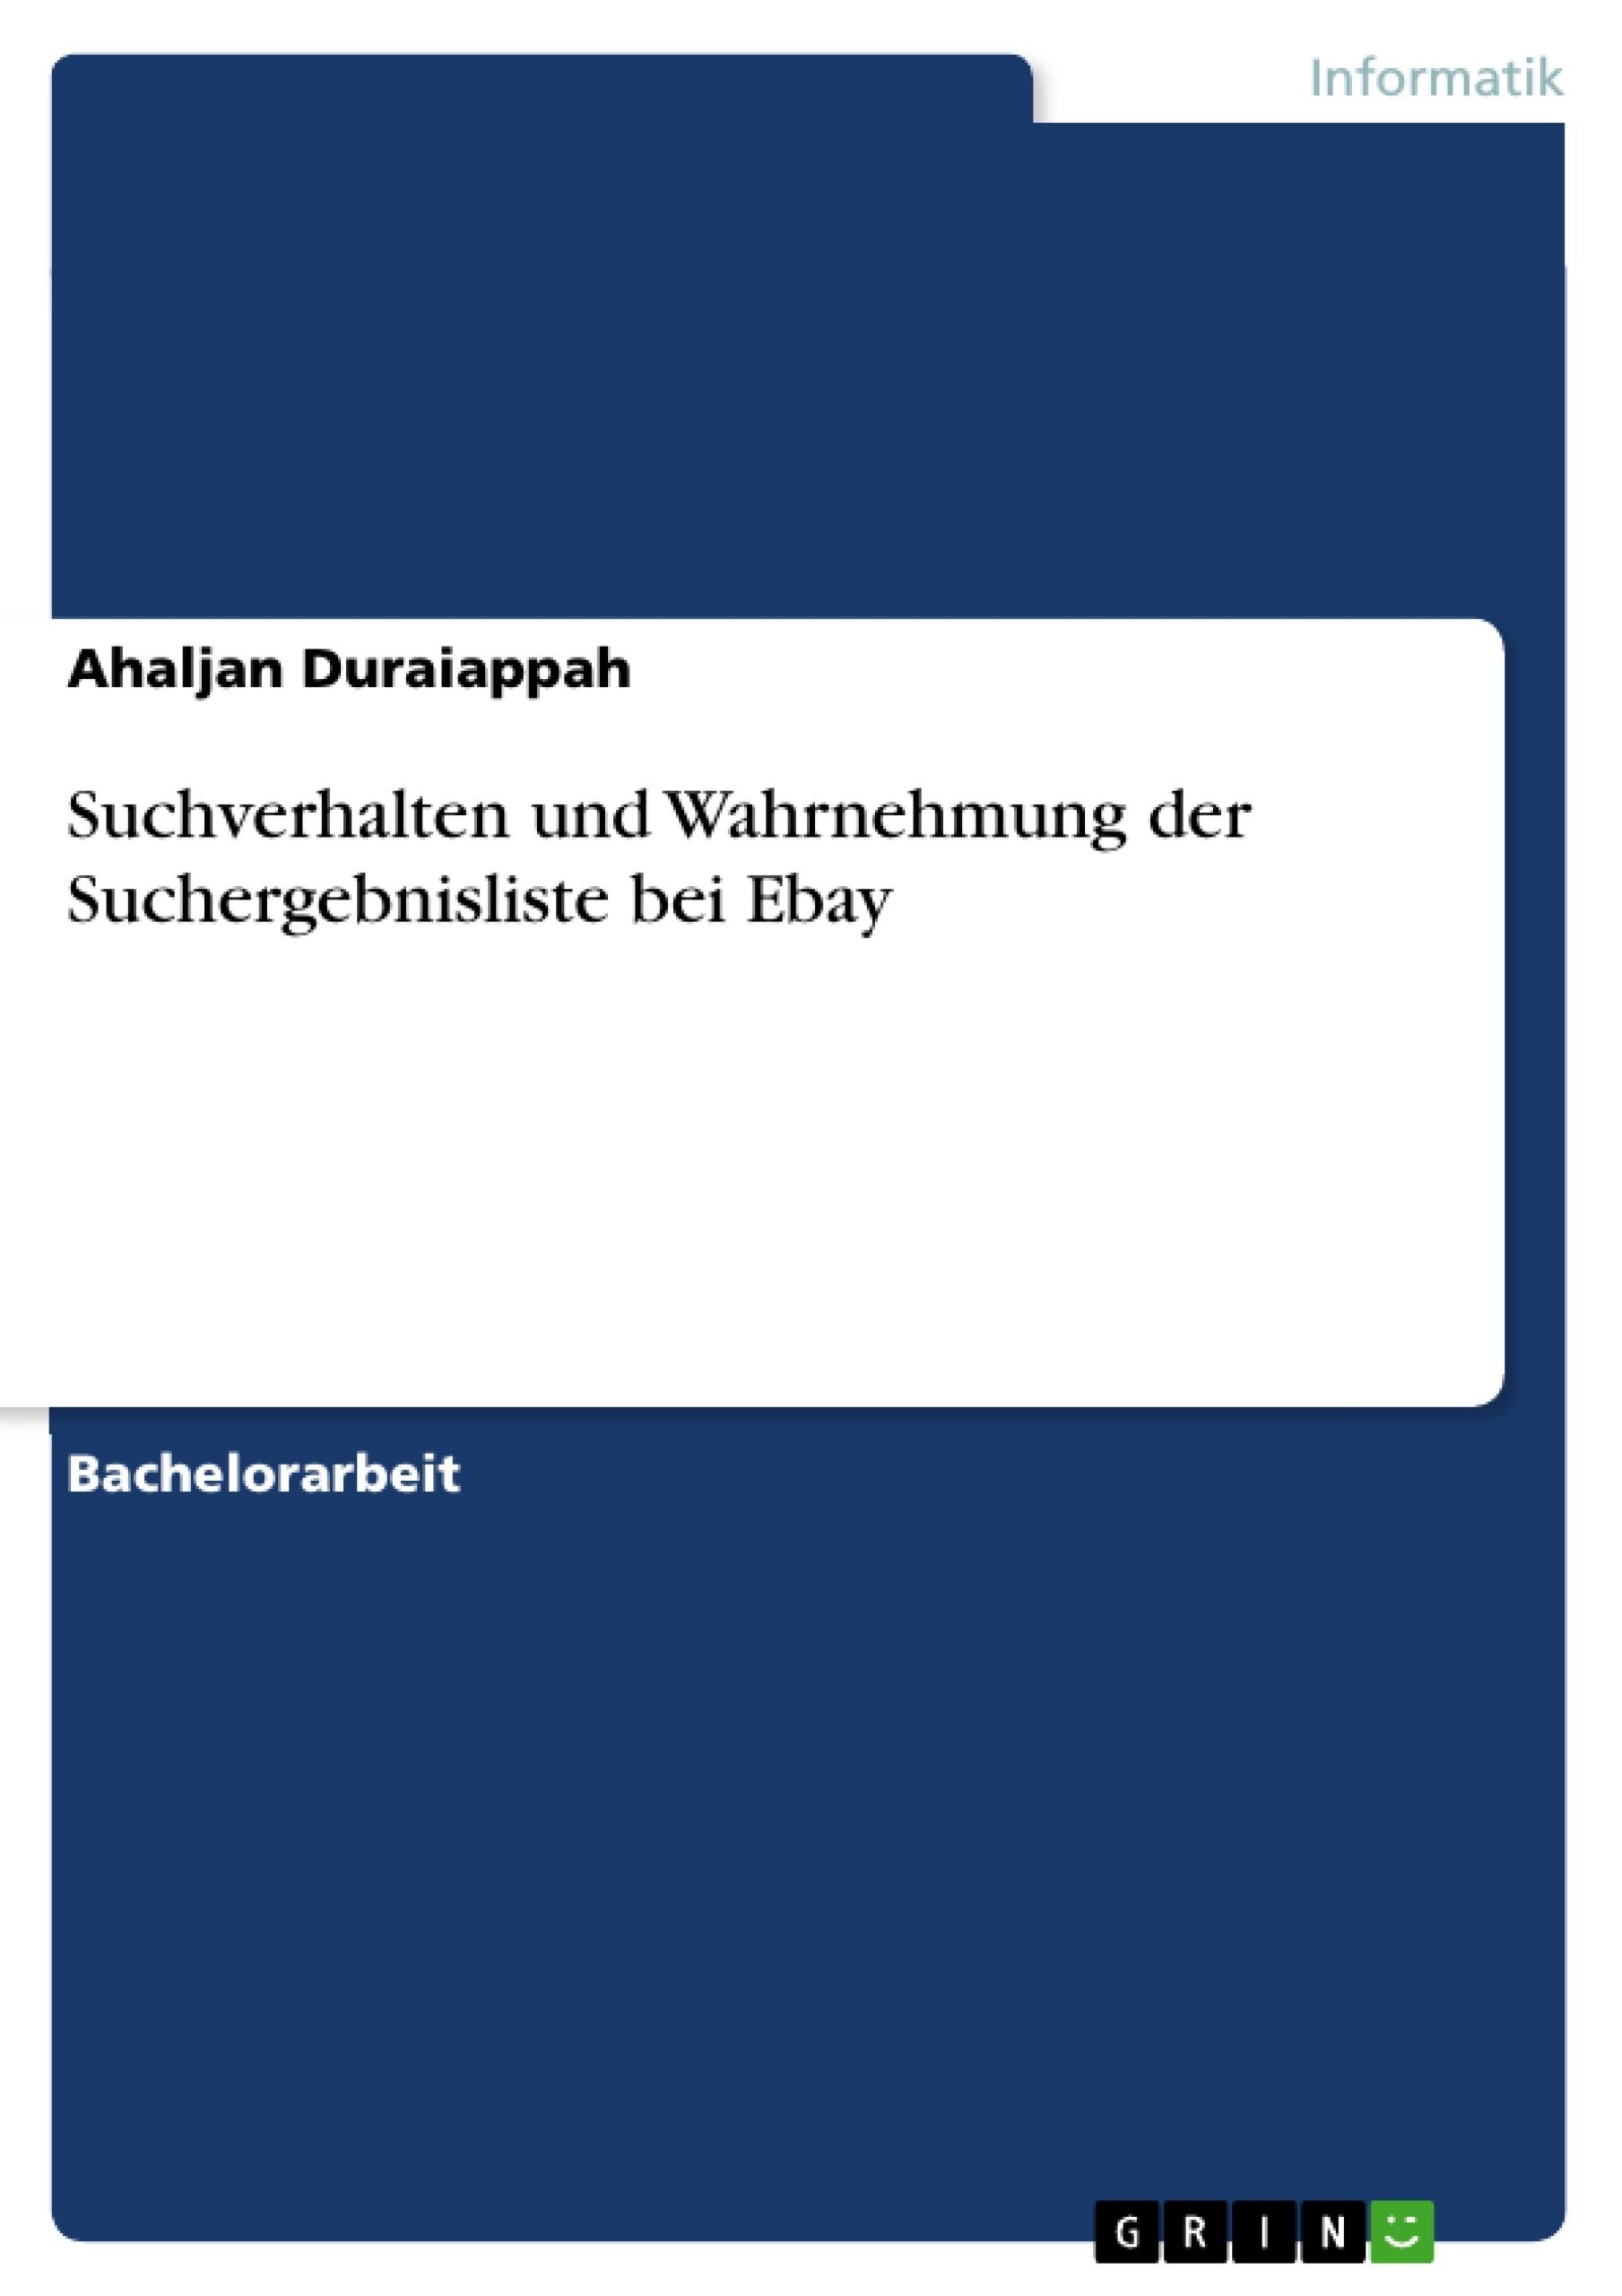 Titel: Suchverhalten und Wahrnehmung der Suchergebnisliste bei Ebay